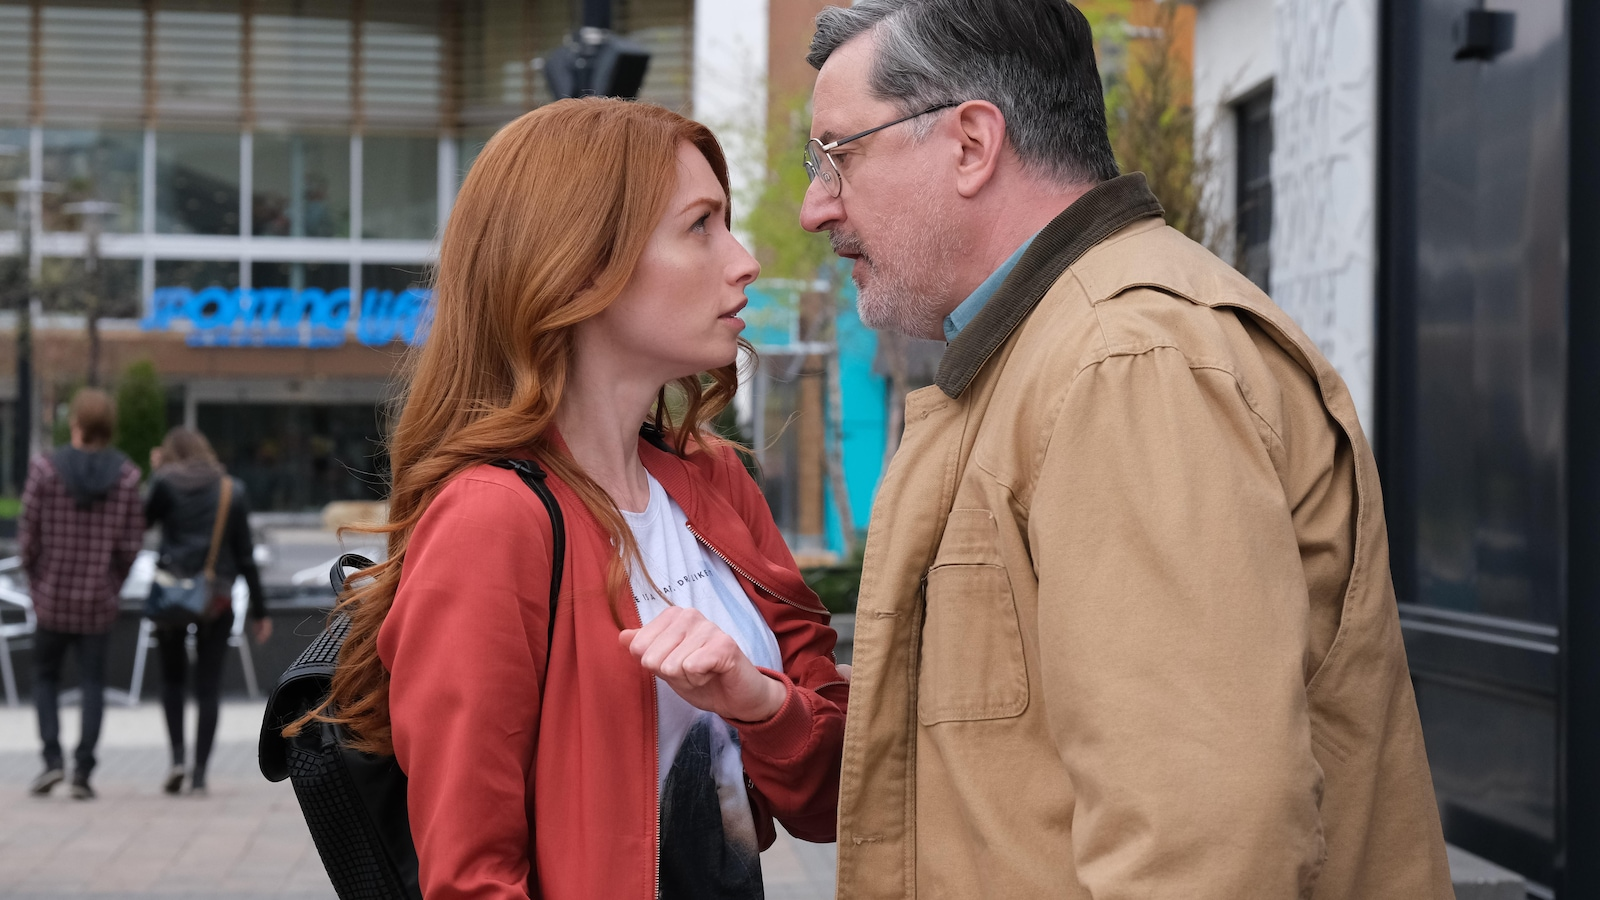 Charles tient le bras de Laura et exige de lui parler.